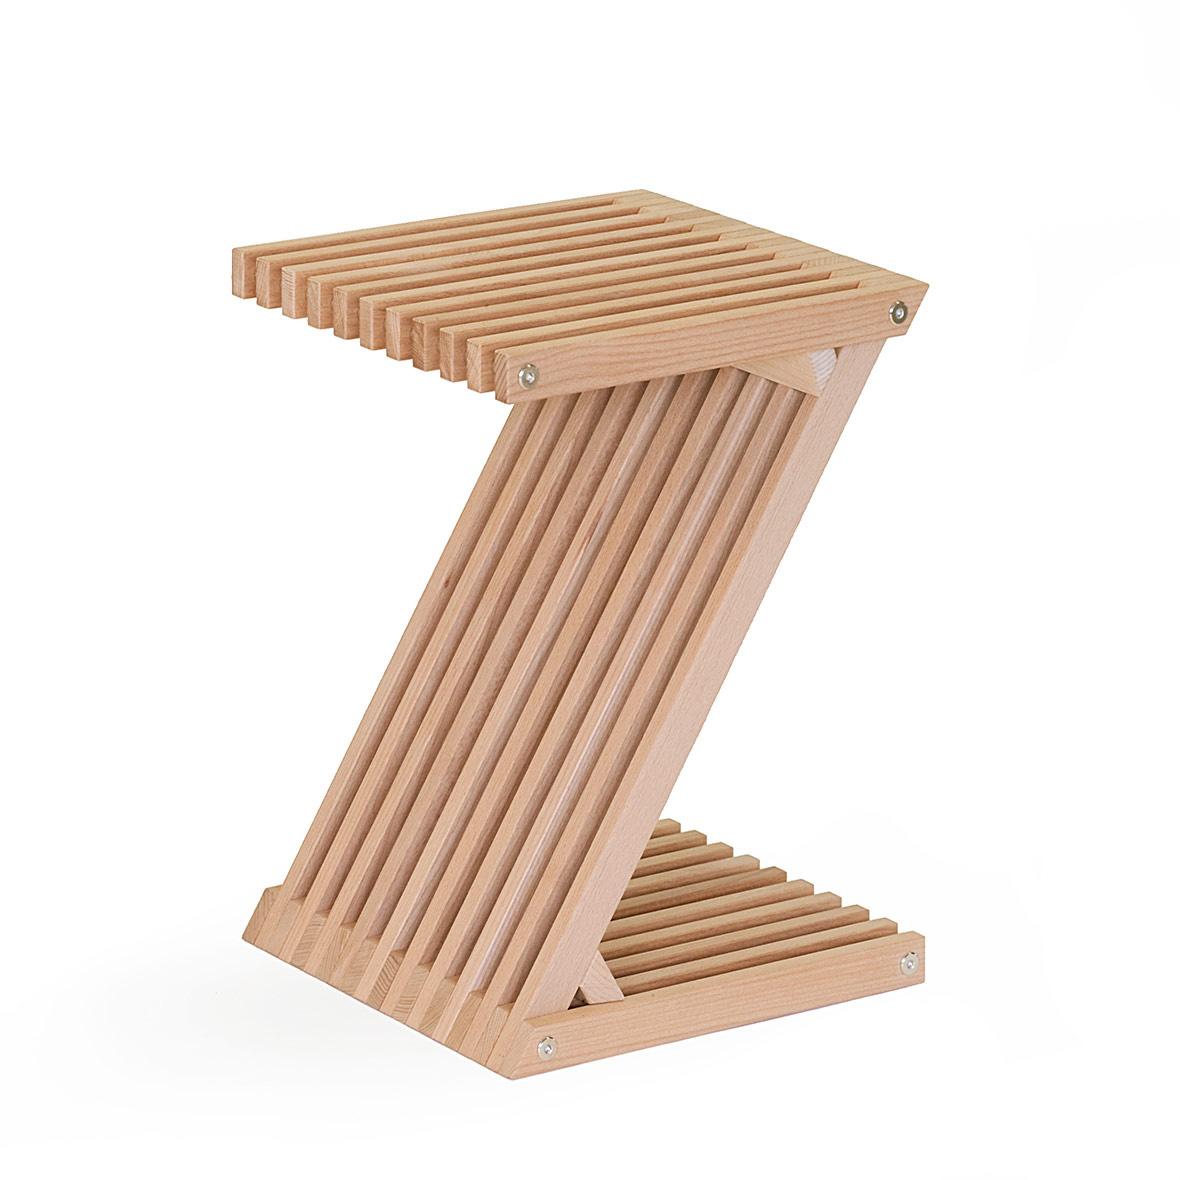 holzmöbel z hocker schweizer buchenholz fsc zertifziert